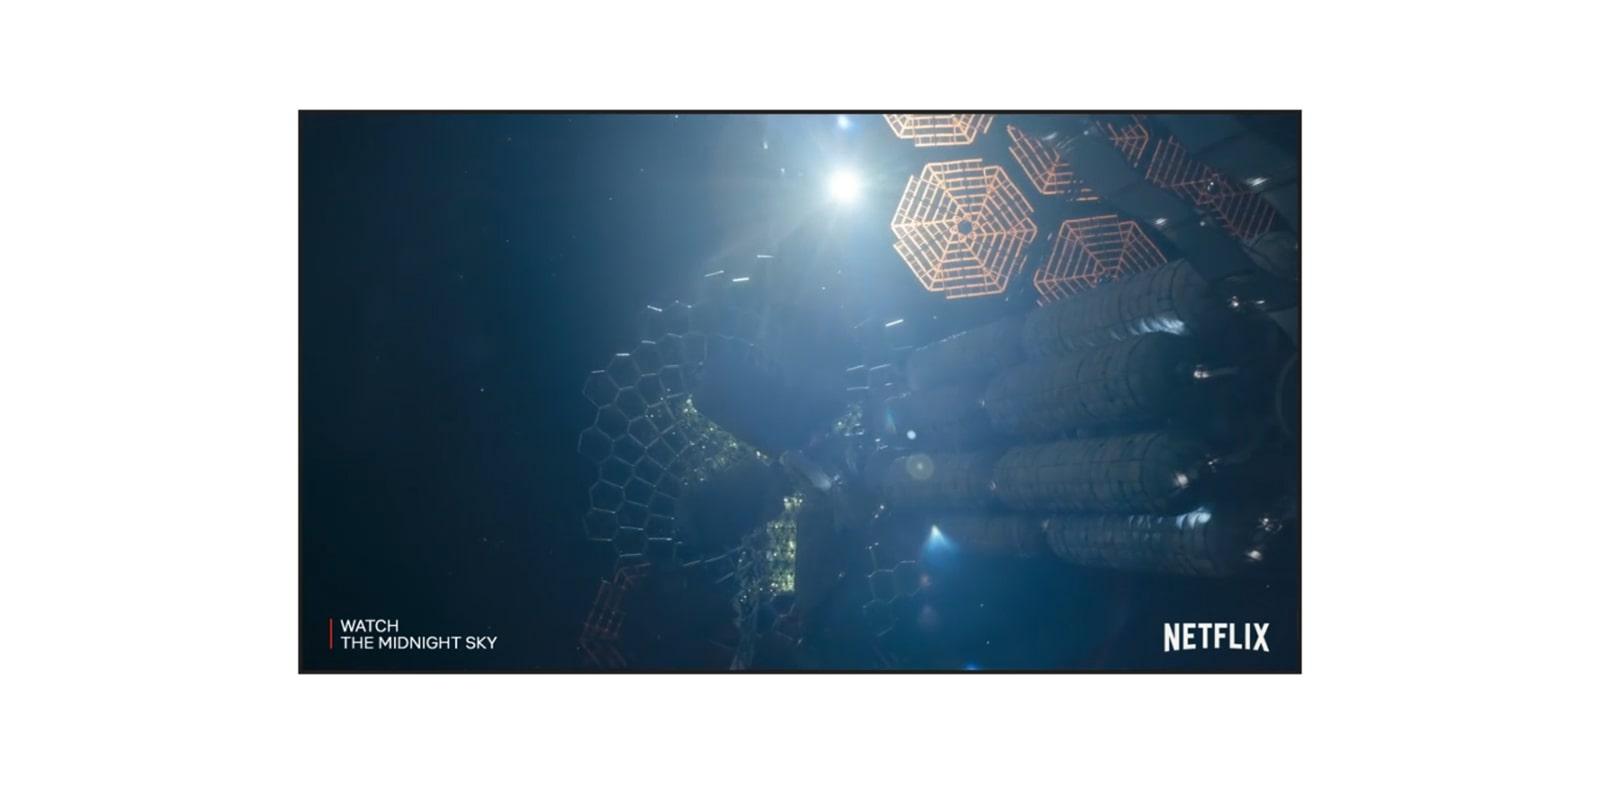 A TV képernyőjén a Az éjféli égbolt című film bemutatója látható a Netflixen (videó megtekintése).